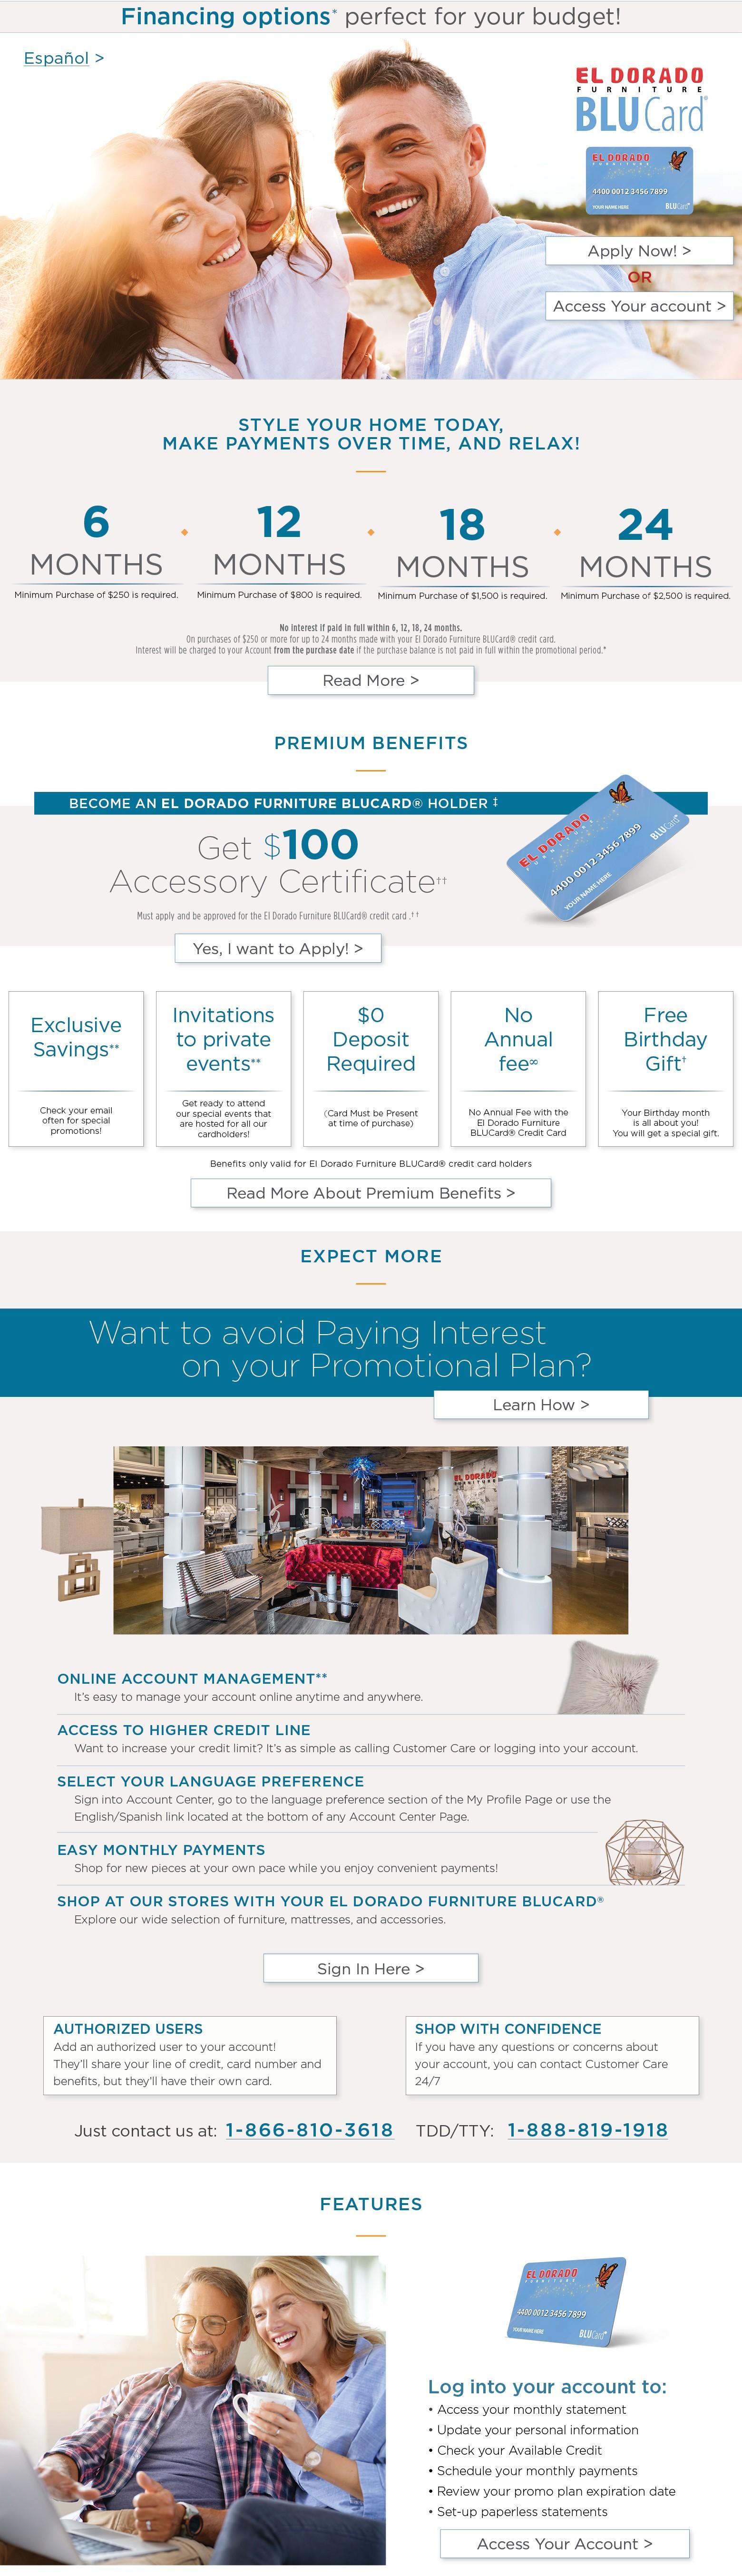 El Dorado Credit Card >> Blucard El Dorado Furniture